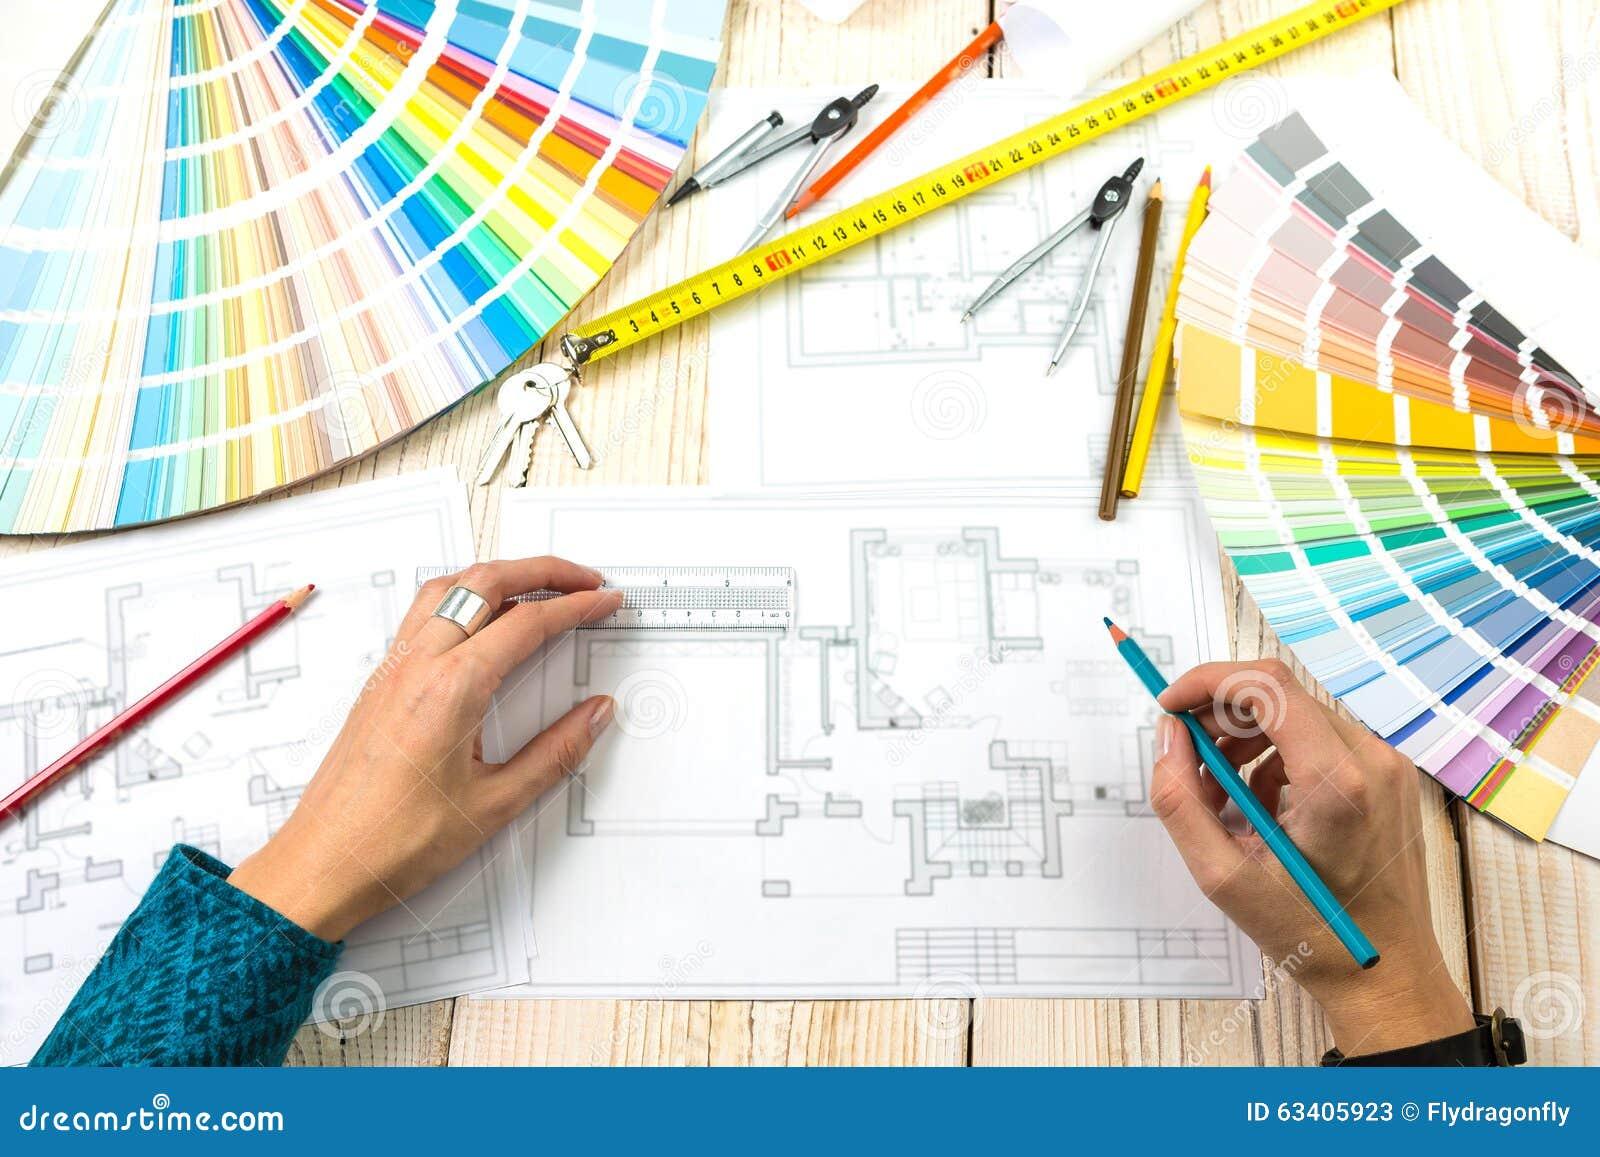 Local de trabalho do decorador do arquiteto do desenhista - Decorador de fotos ...